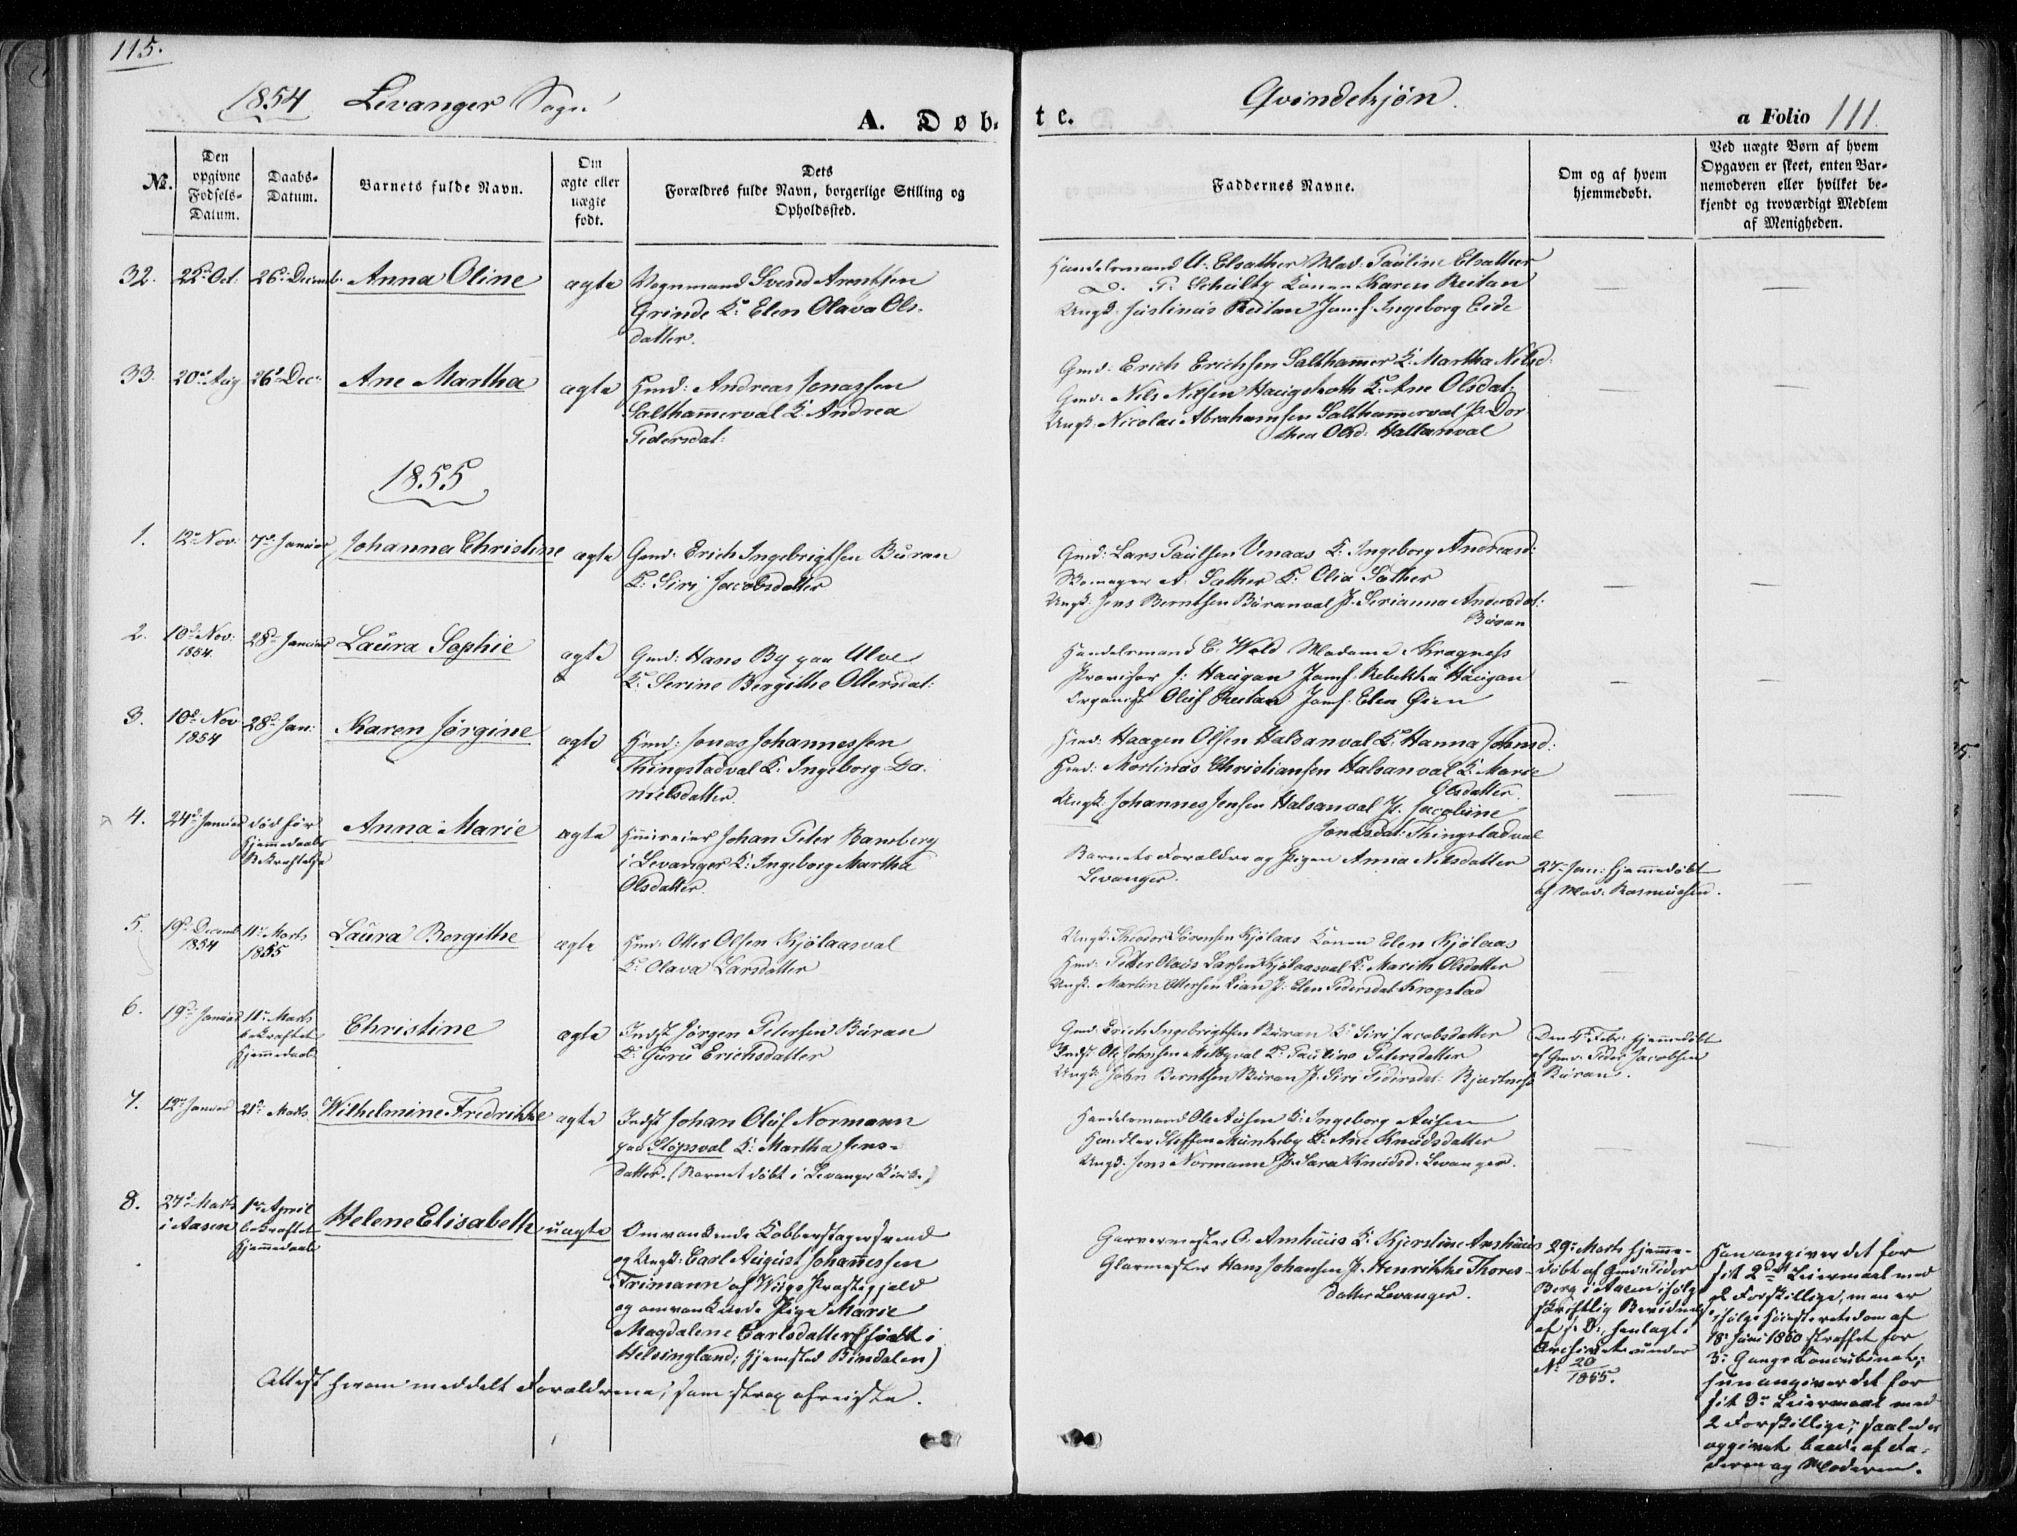 SAT, Ministerialprotokoller, klokkerbøker og fødselsregistre - Nord-Trøndelag, 720/L0183: Ministerialbok nr. 720A01, 1836-1855, s. 111